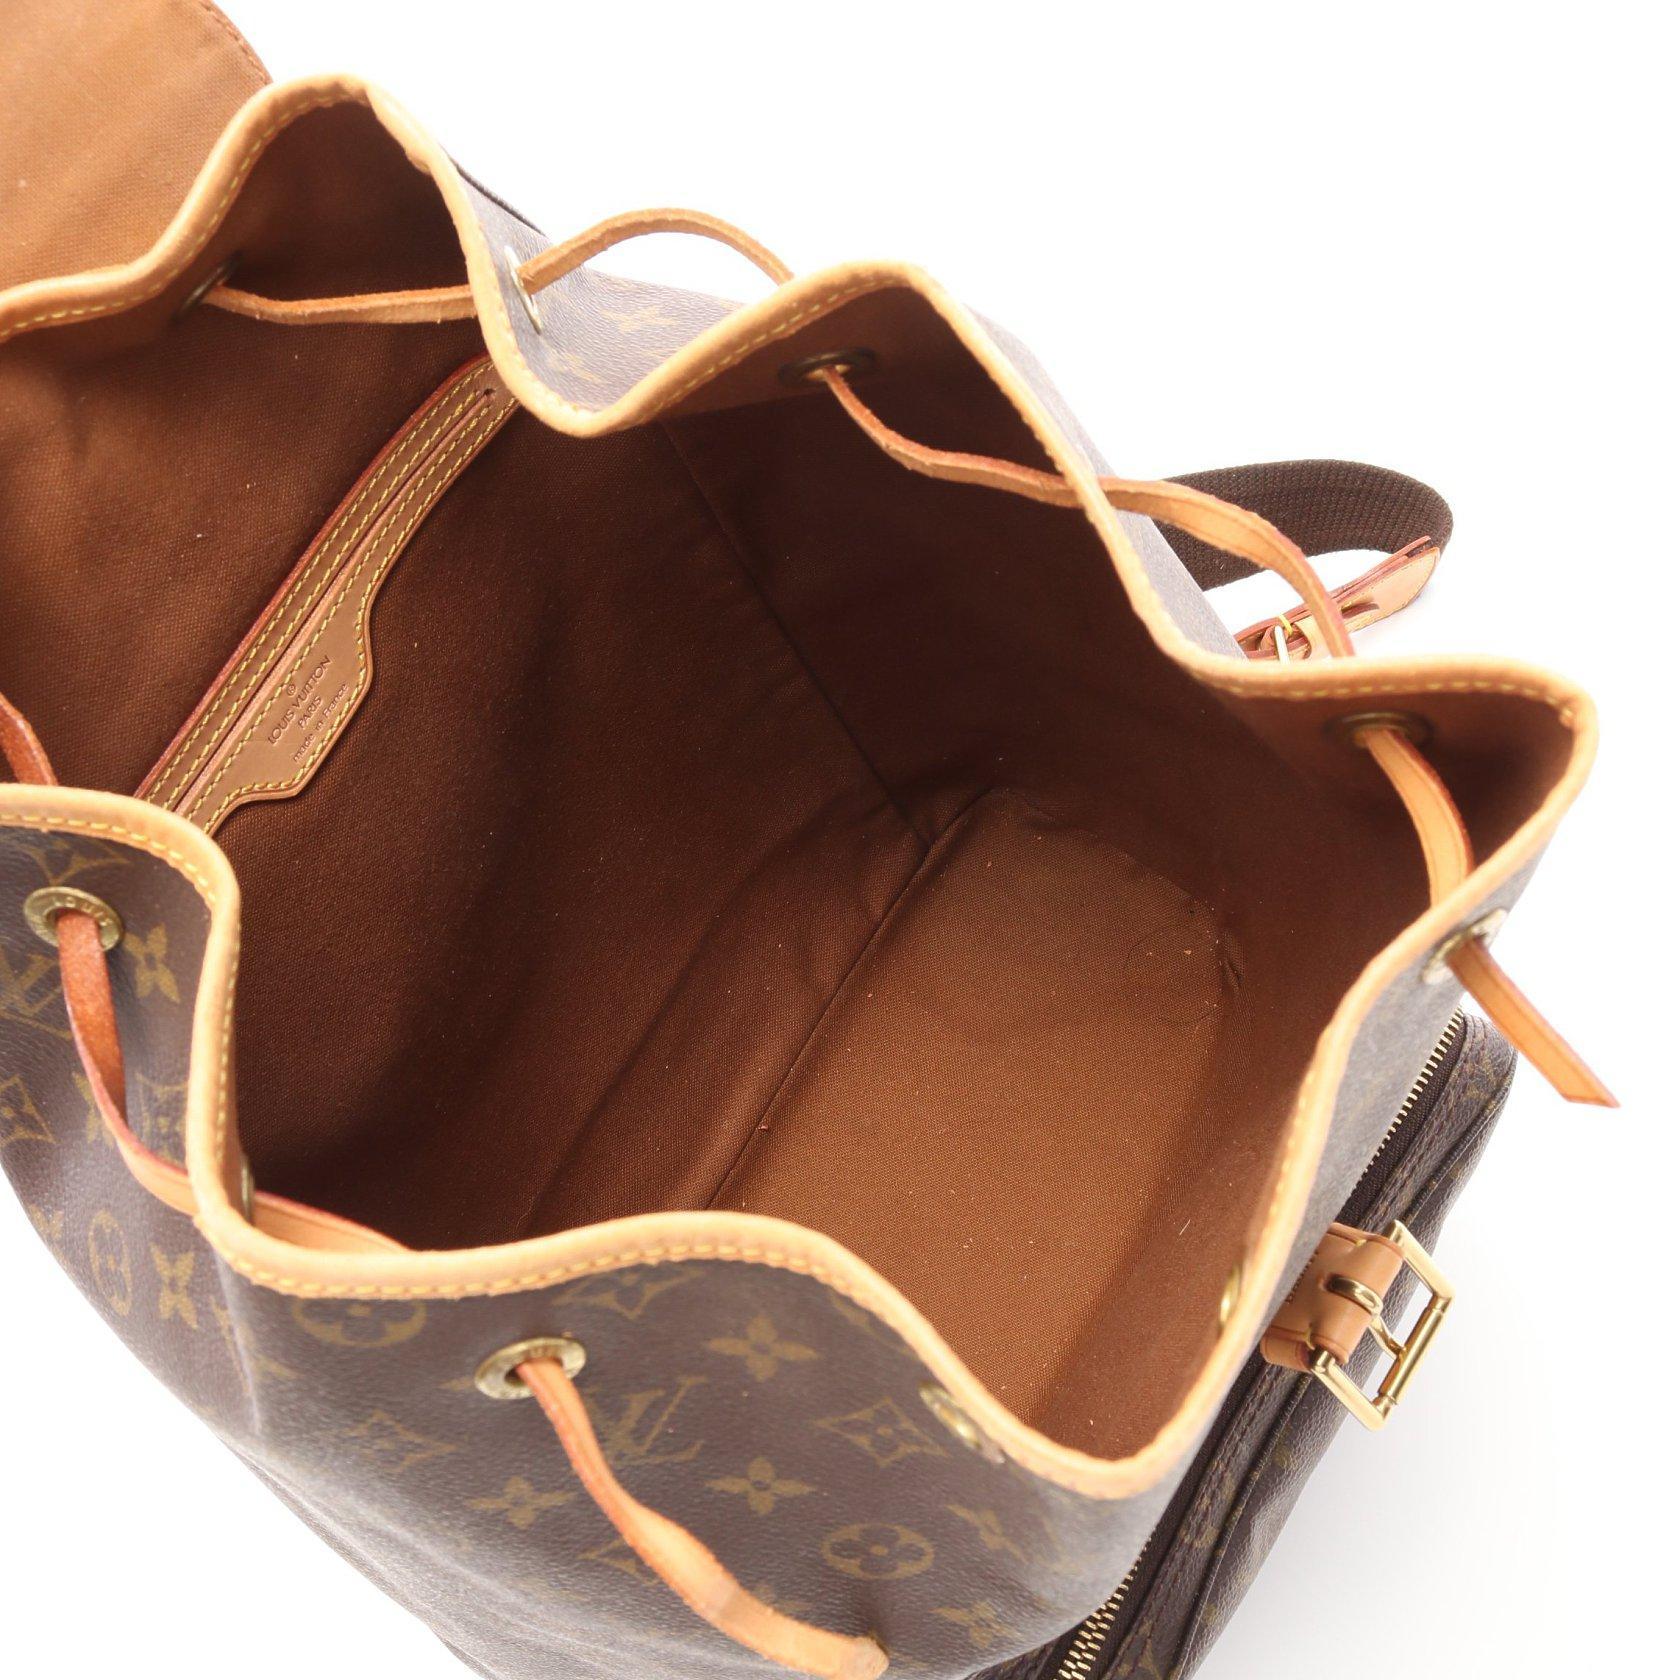 LOUIS VUITTON・バッグ・モンスリGM モノグラム バックパック リュックサック PVC レザー ブラウン